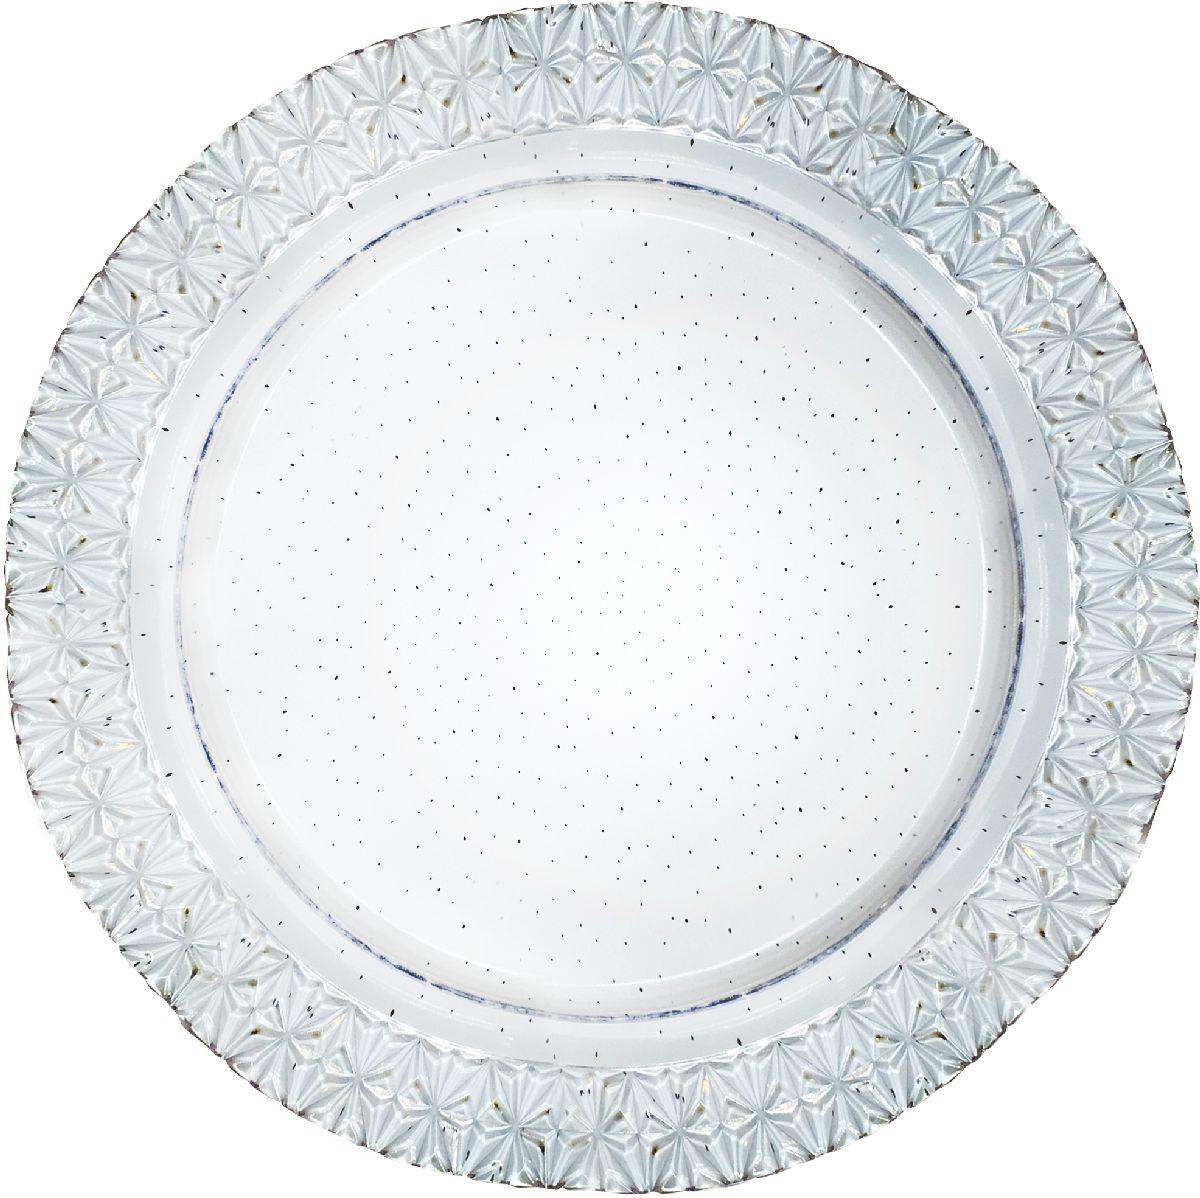 Светильник настенно-потолочный Camelion LBS-0803, LED, 24W, 4500K. 1269112691